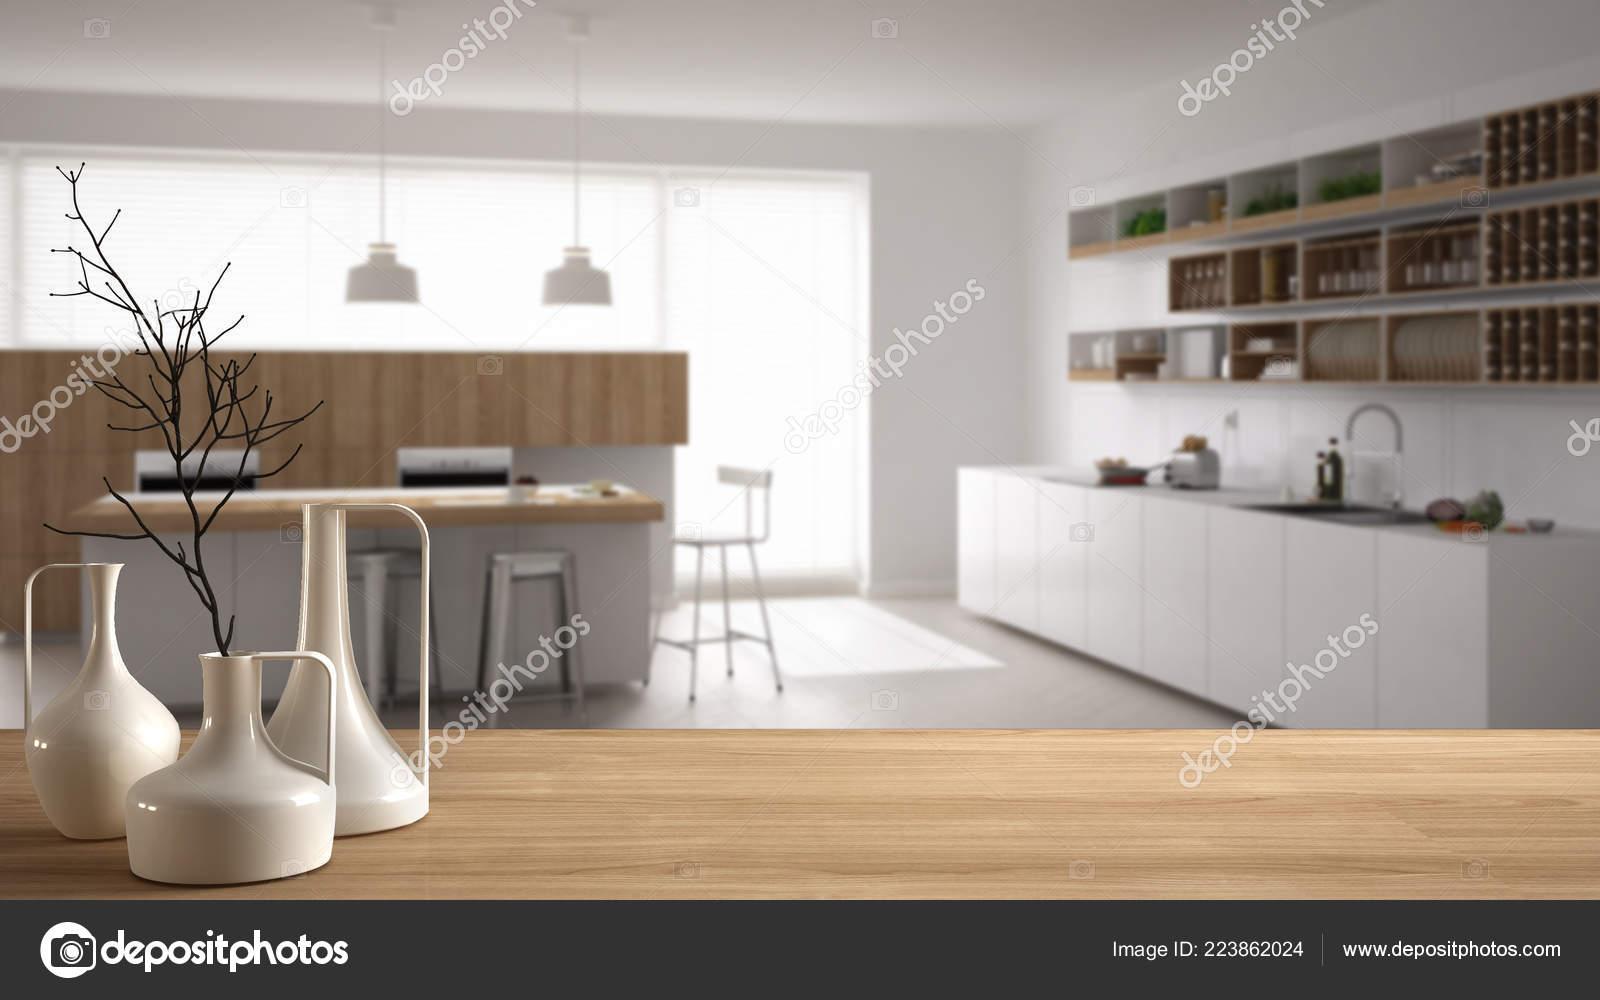 Piano tavolo legno mensola con vasi minimaliste moderni sopra